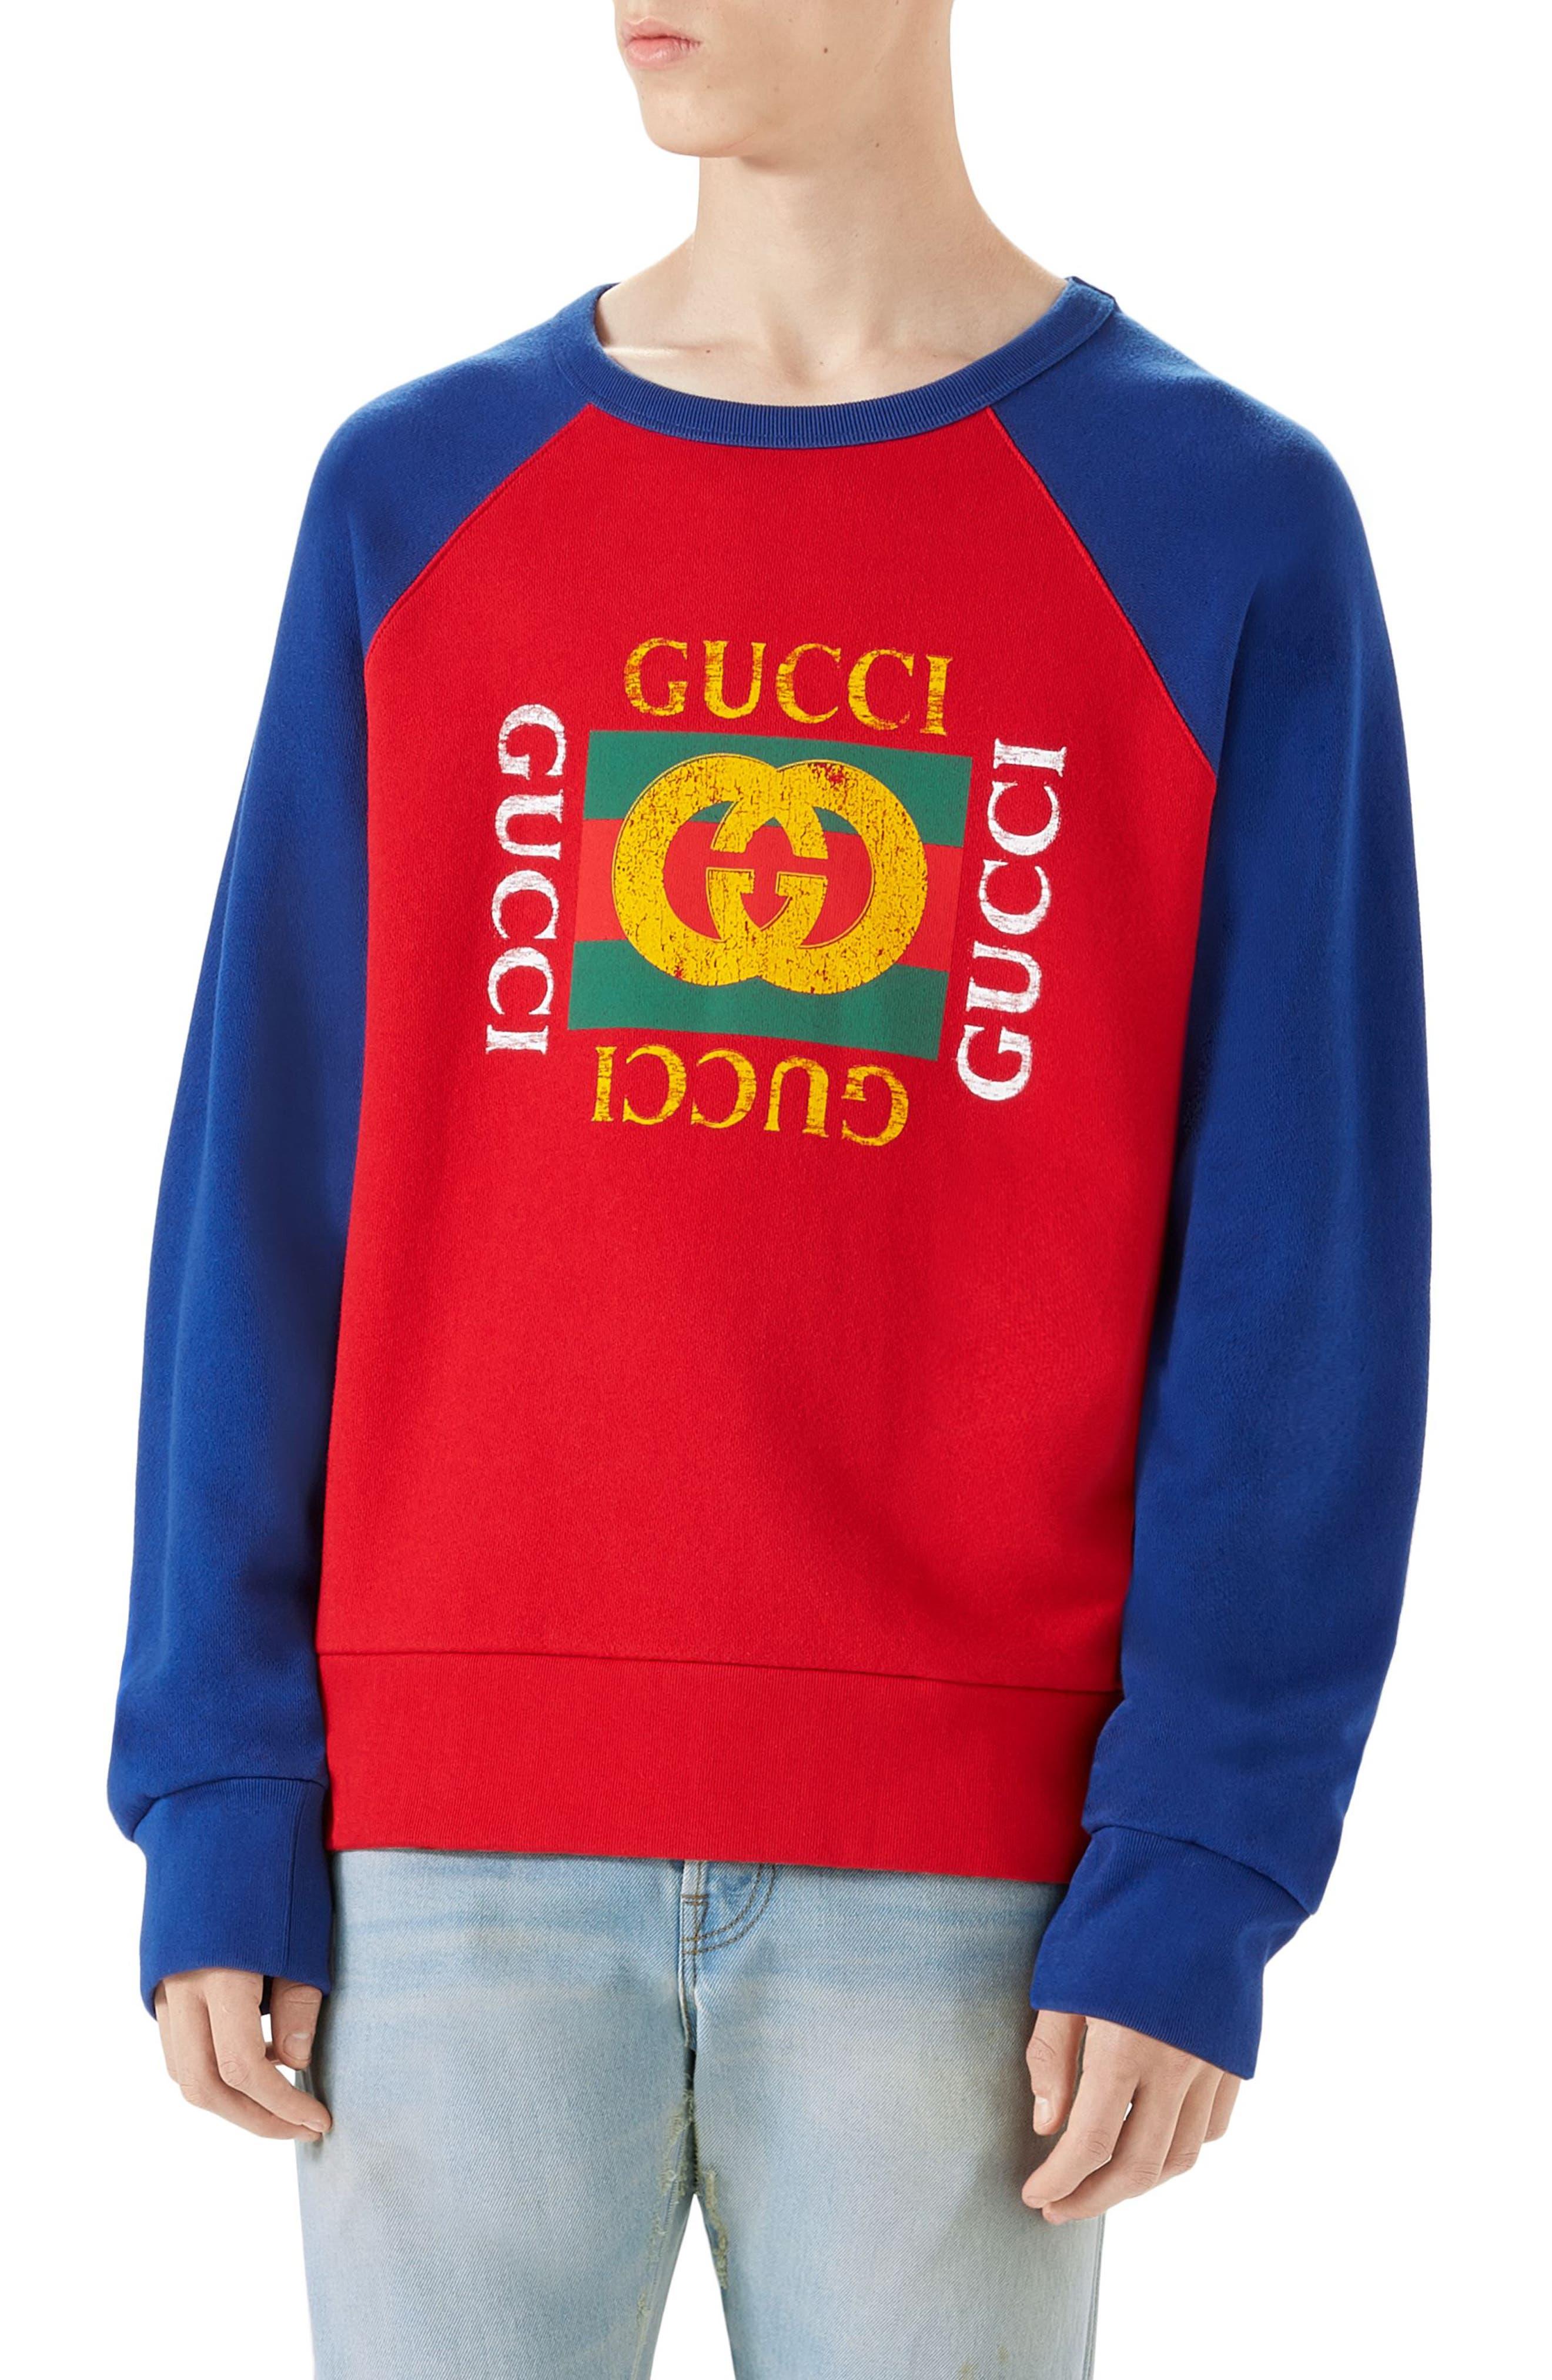 Gucci Logo Graphic Crewneck Sweatshirt